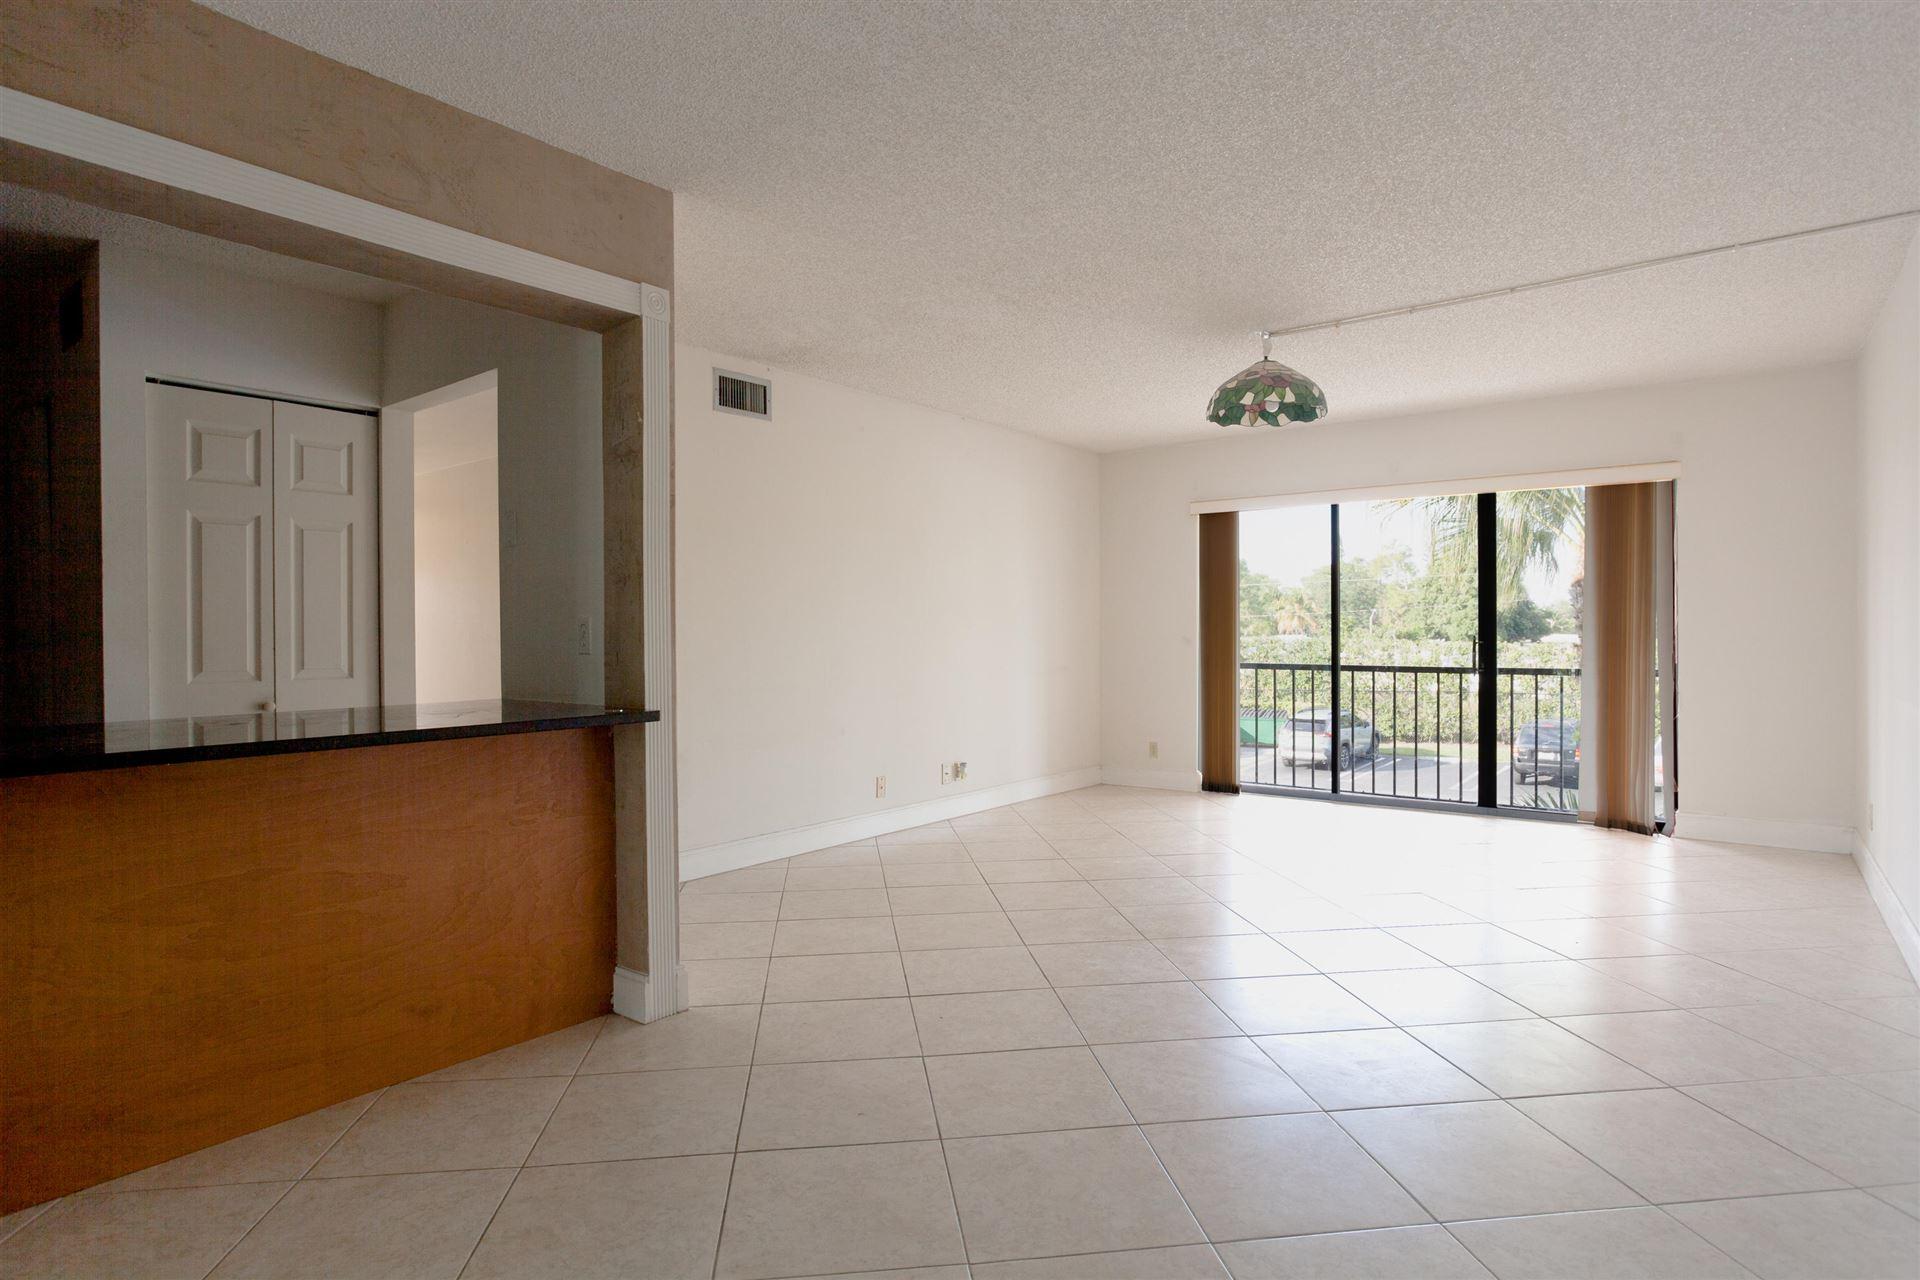 617 Sea Pine Way #D2, Greenacres, FL 33415 - #: RX-10652931